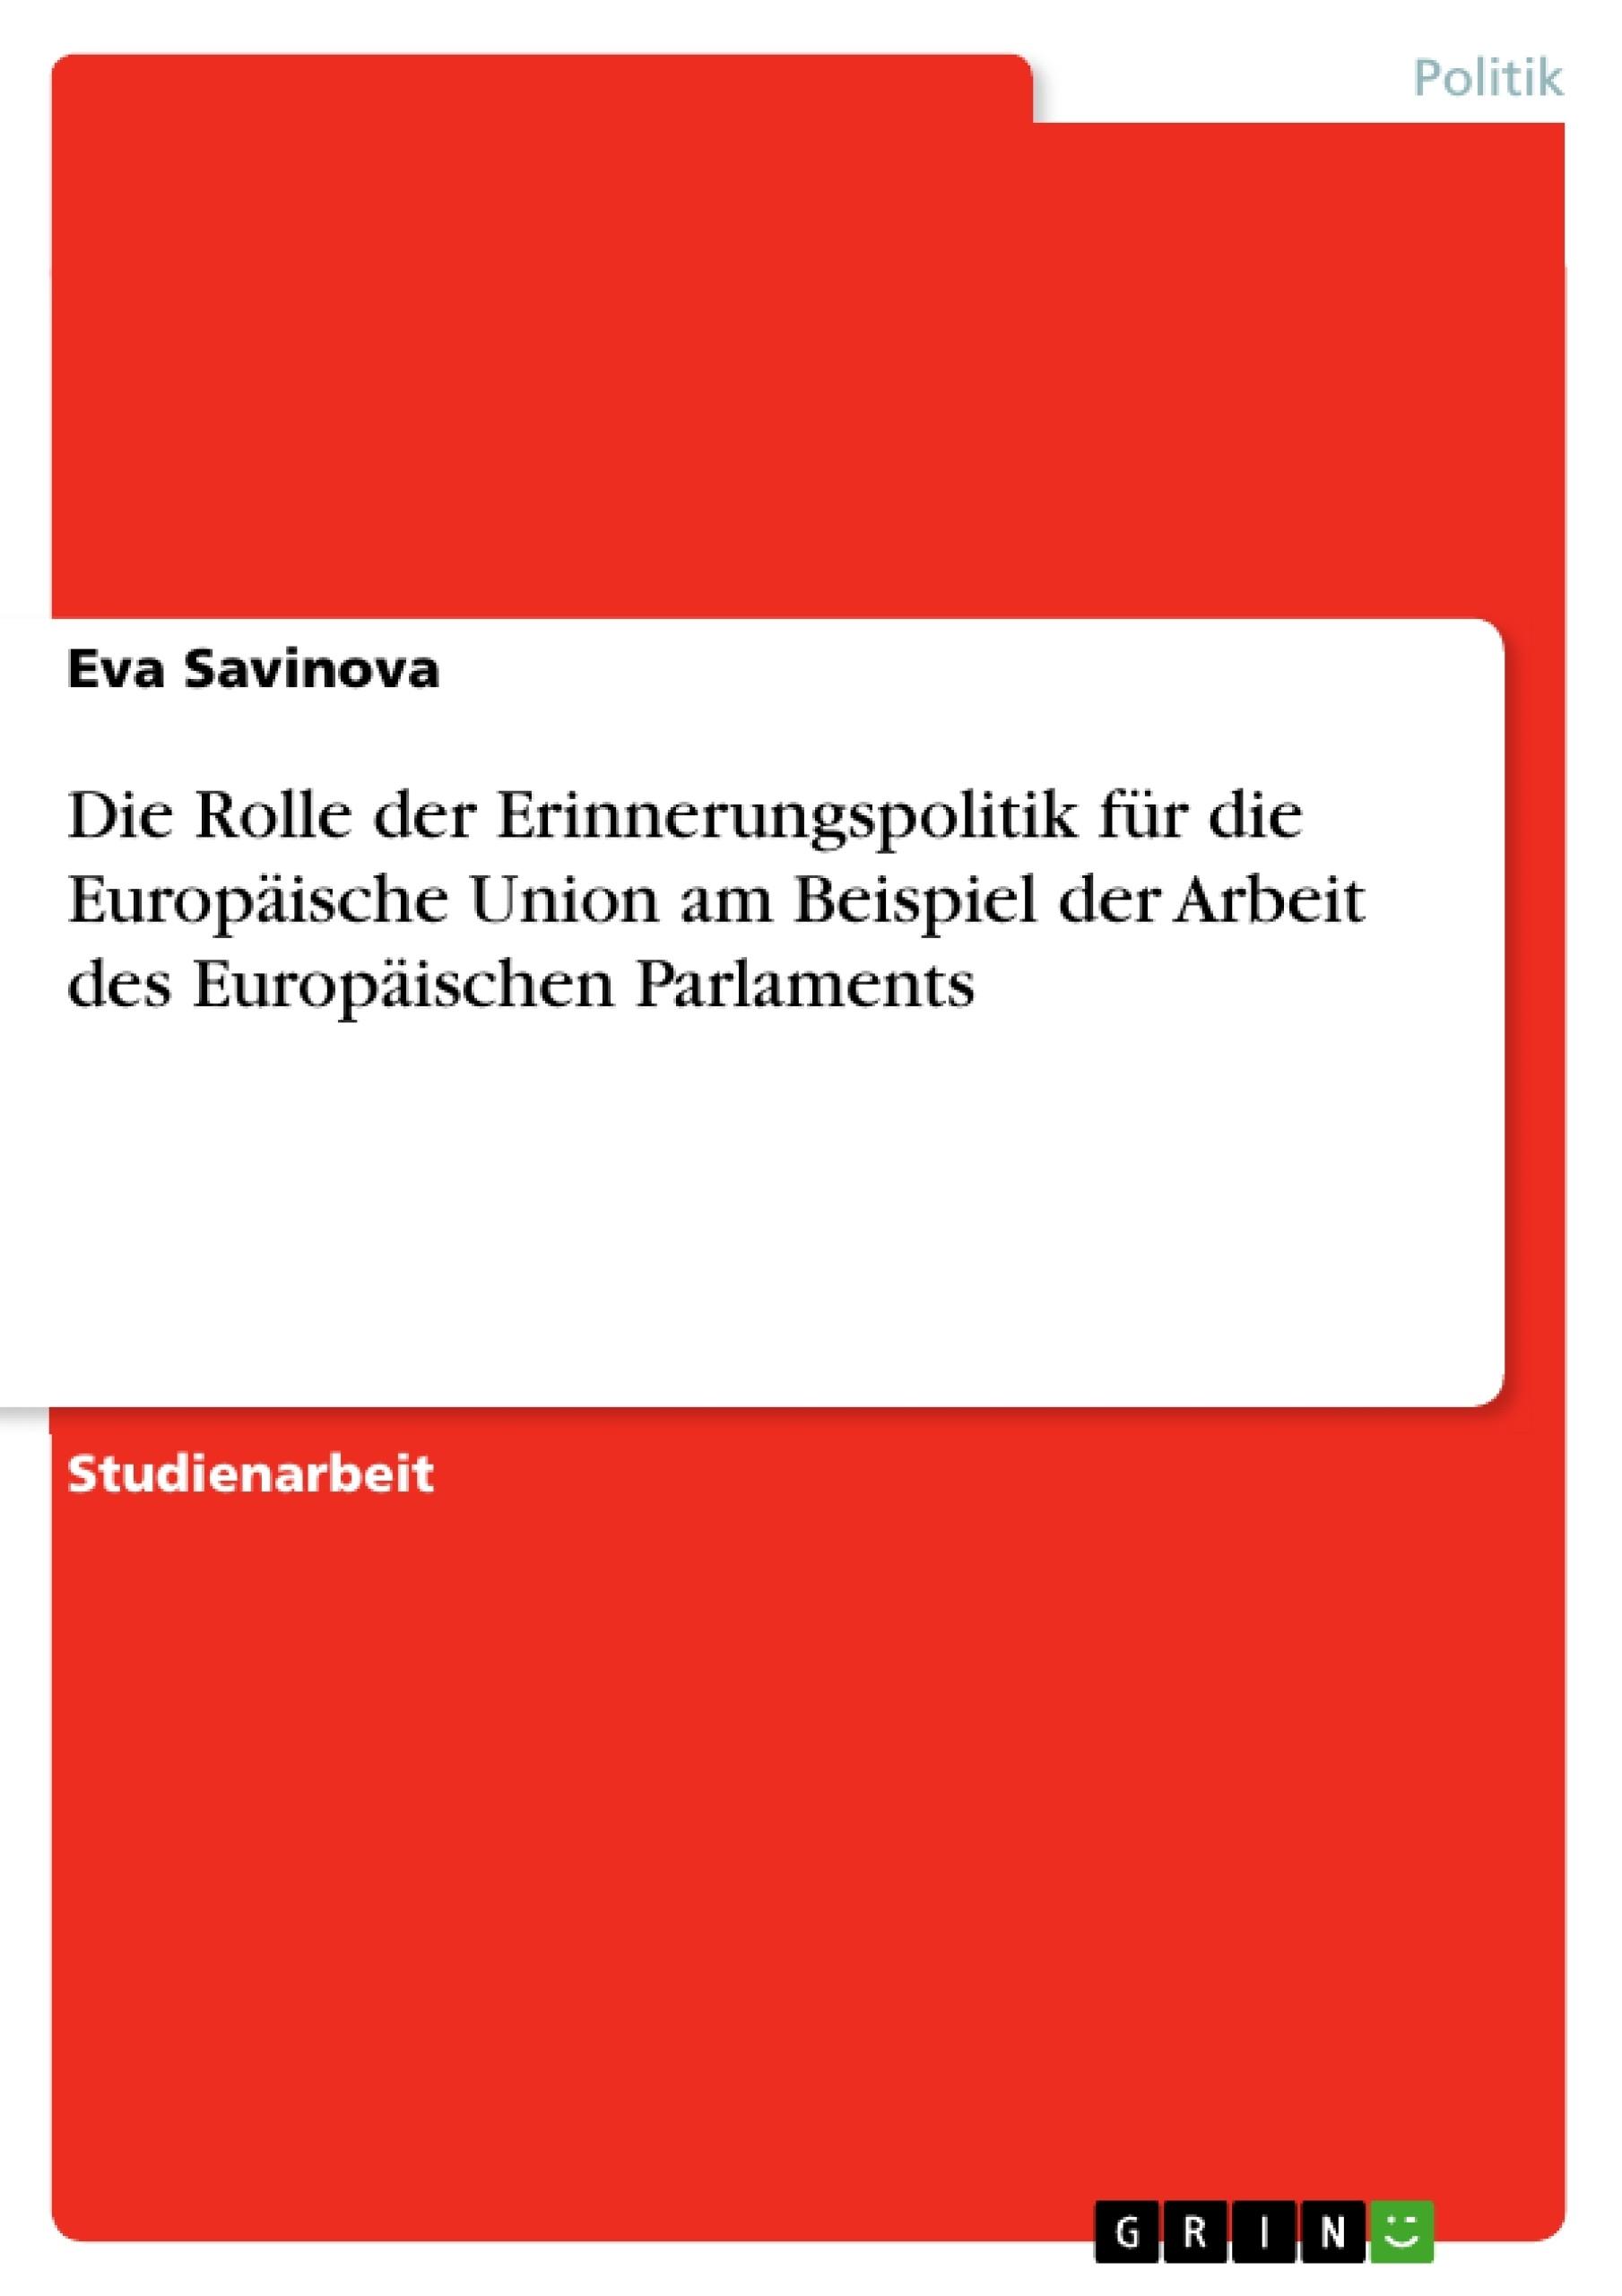 Titel: Die Rolle der Erinnerungspolitik für die Europäische Union am Beispiel der Arbeit des Europäischen Parlaments